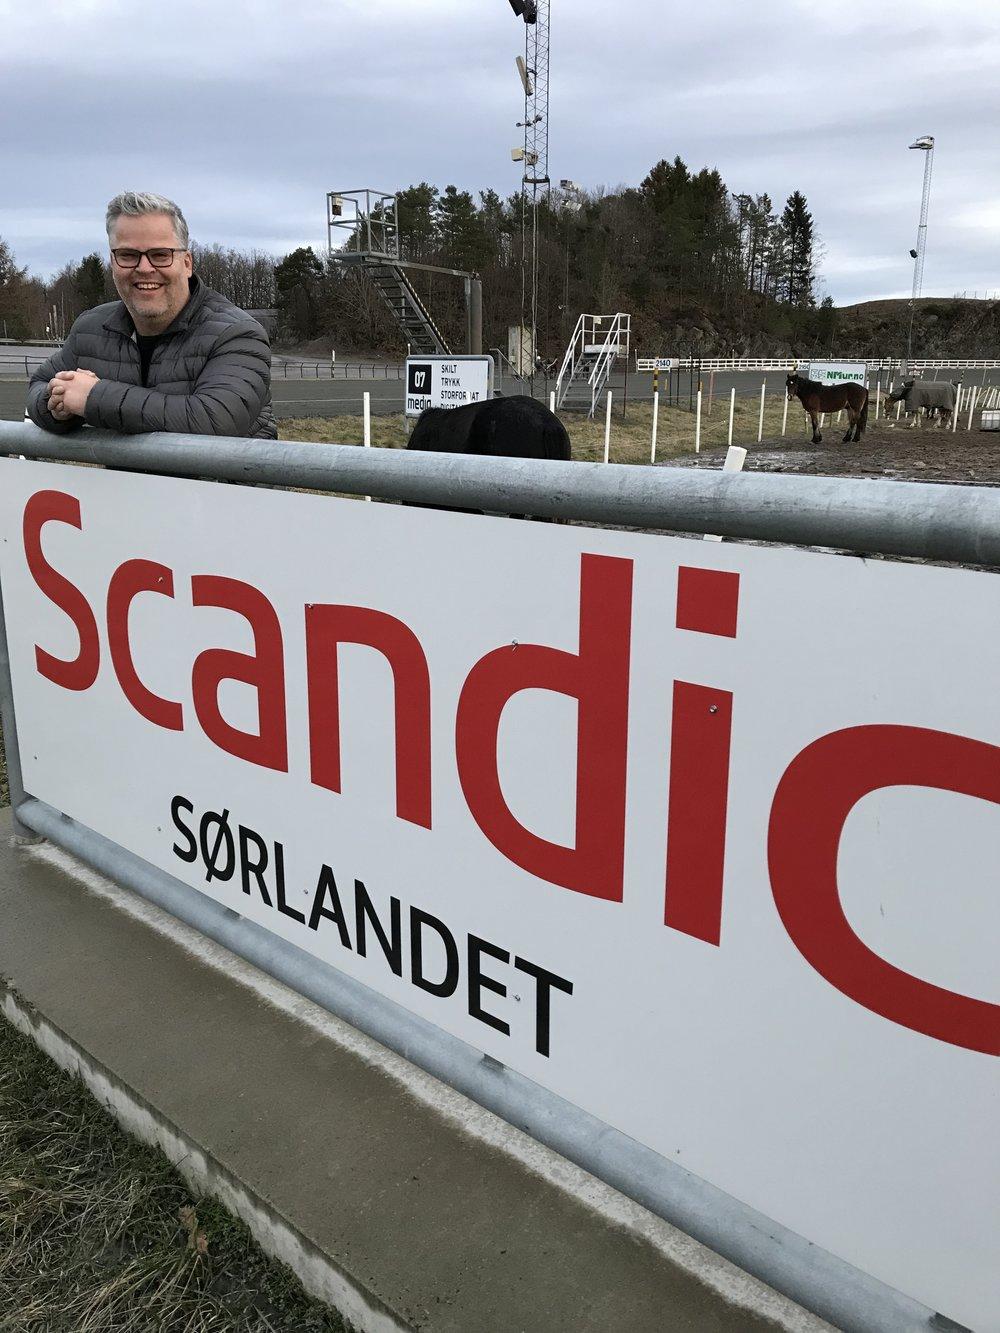 Markedssjef Ingvar Ludvigsen tilbyr Travparkens gjester en svært gunstig hotellpris når de bestiller hos vår samarbeidspartner Scandic Hotels. Foto: Richard Ekhaugen.